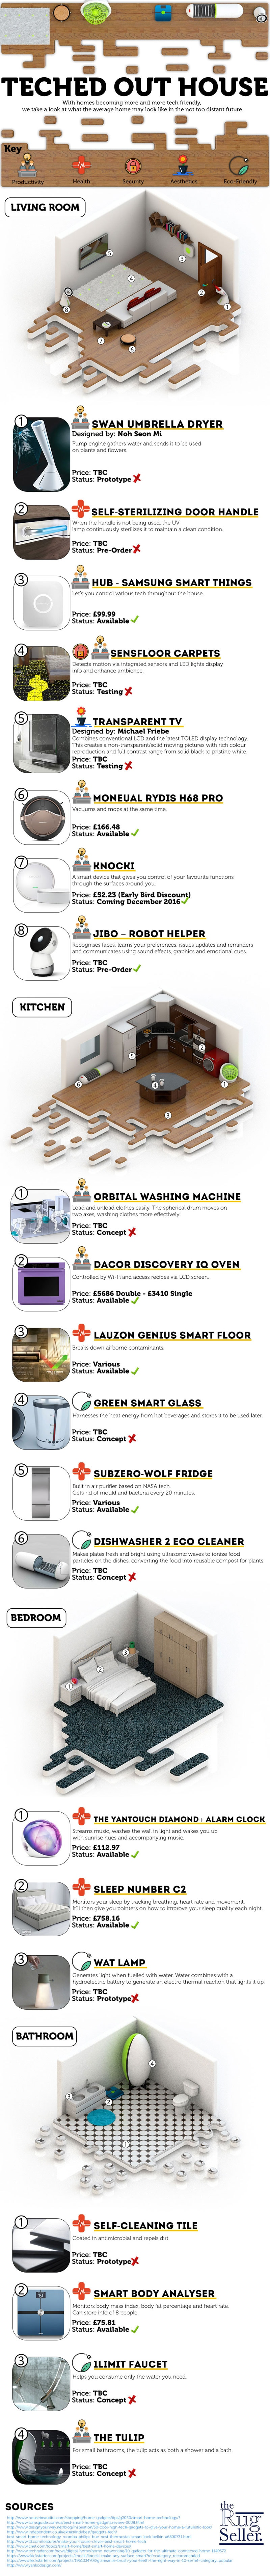 tech-friendly-home